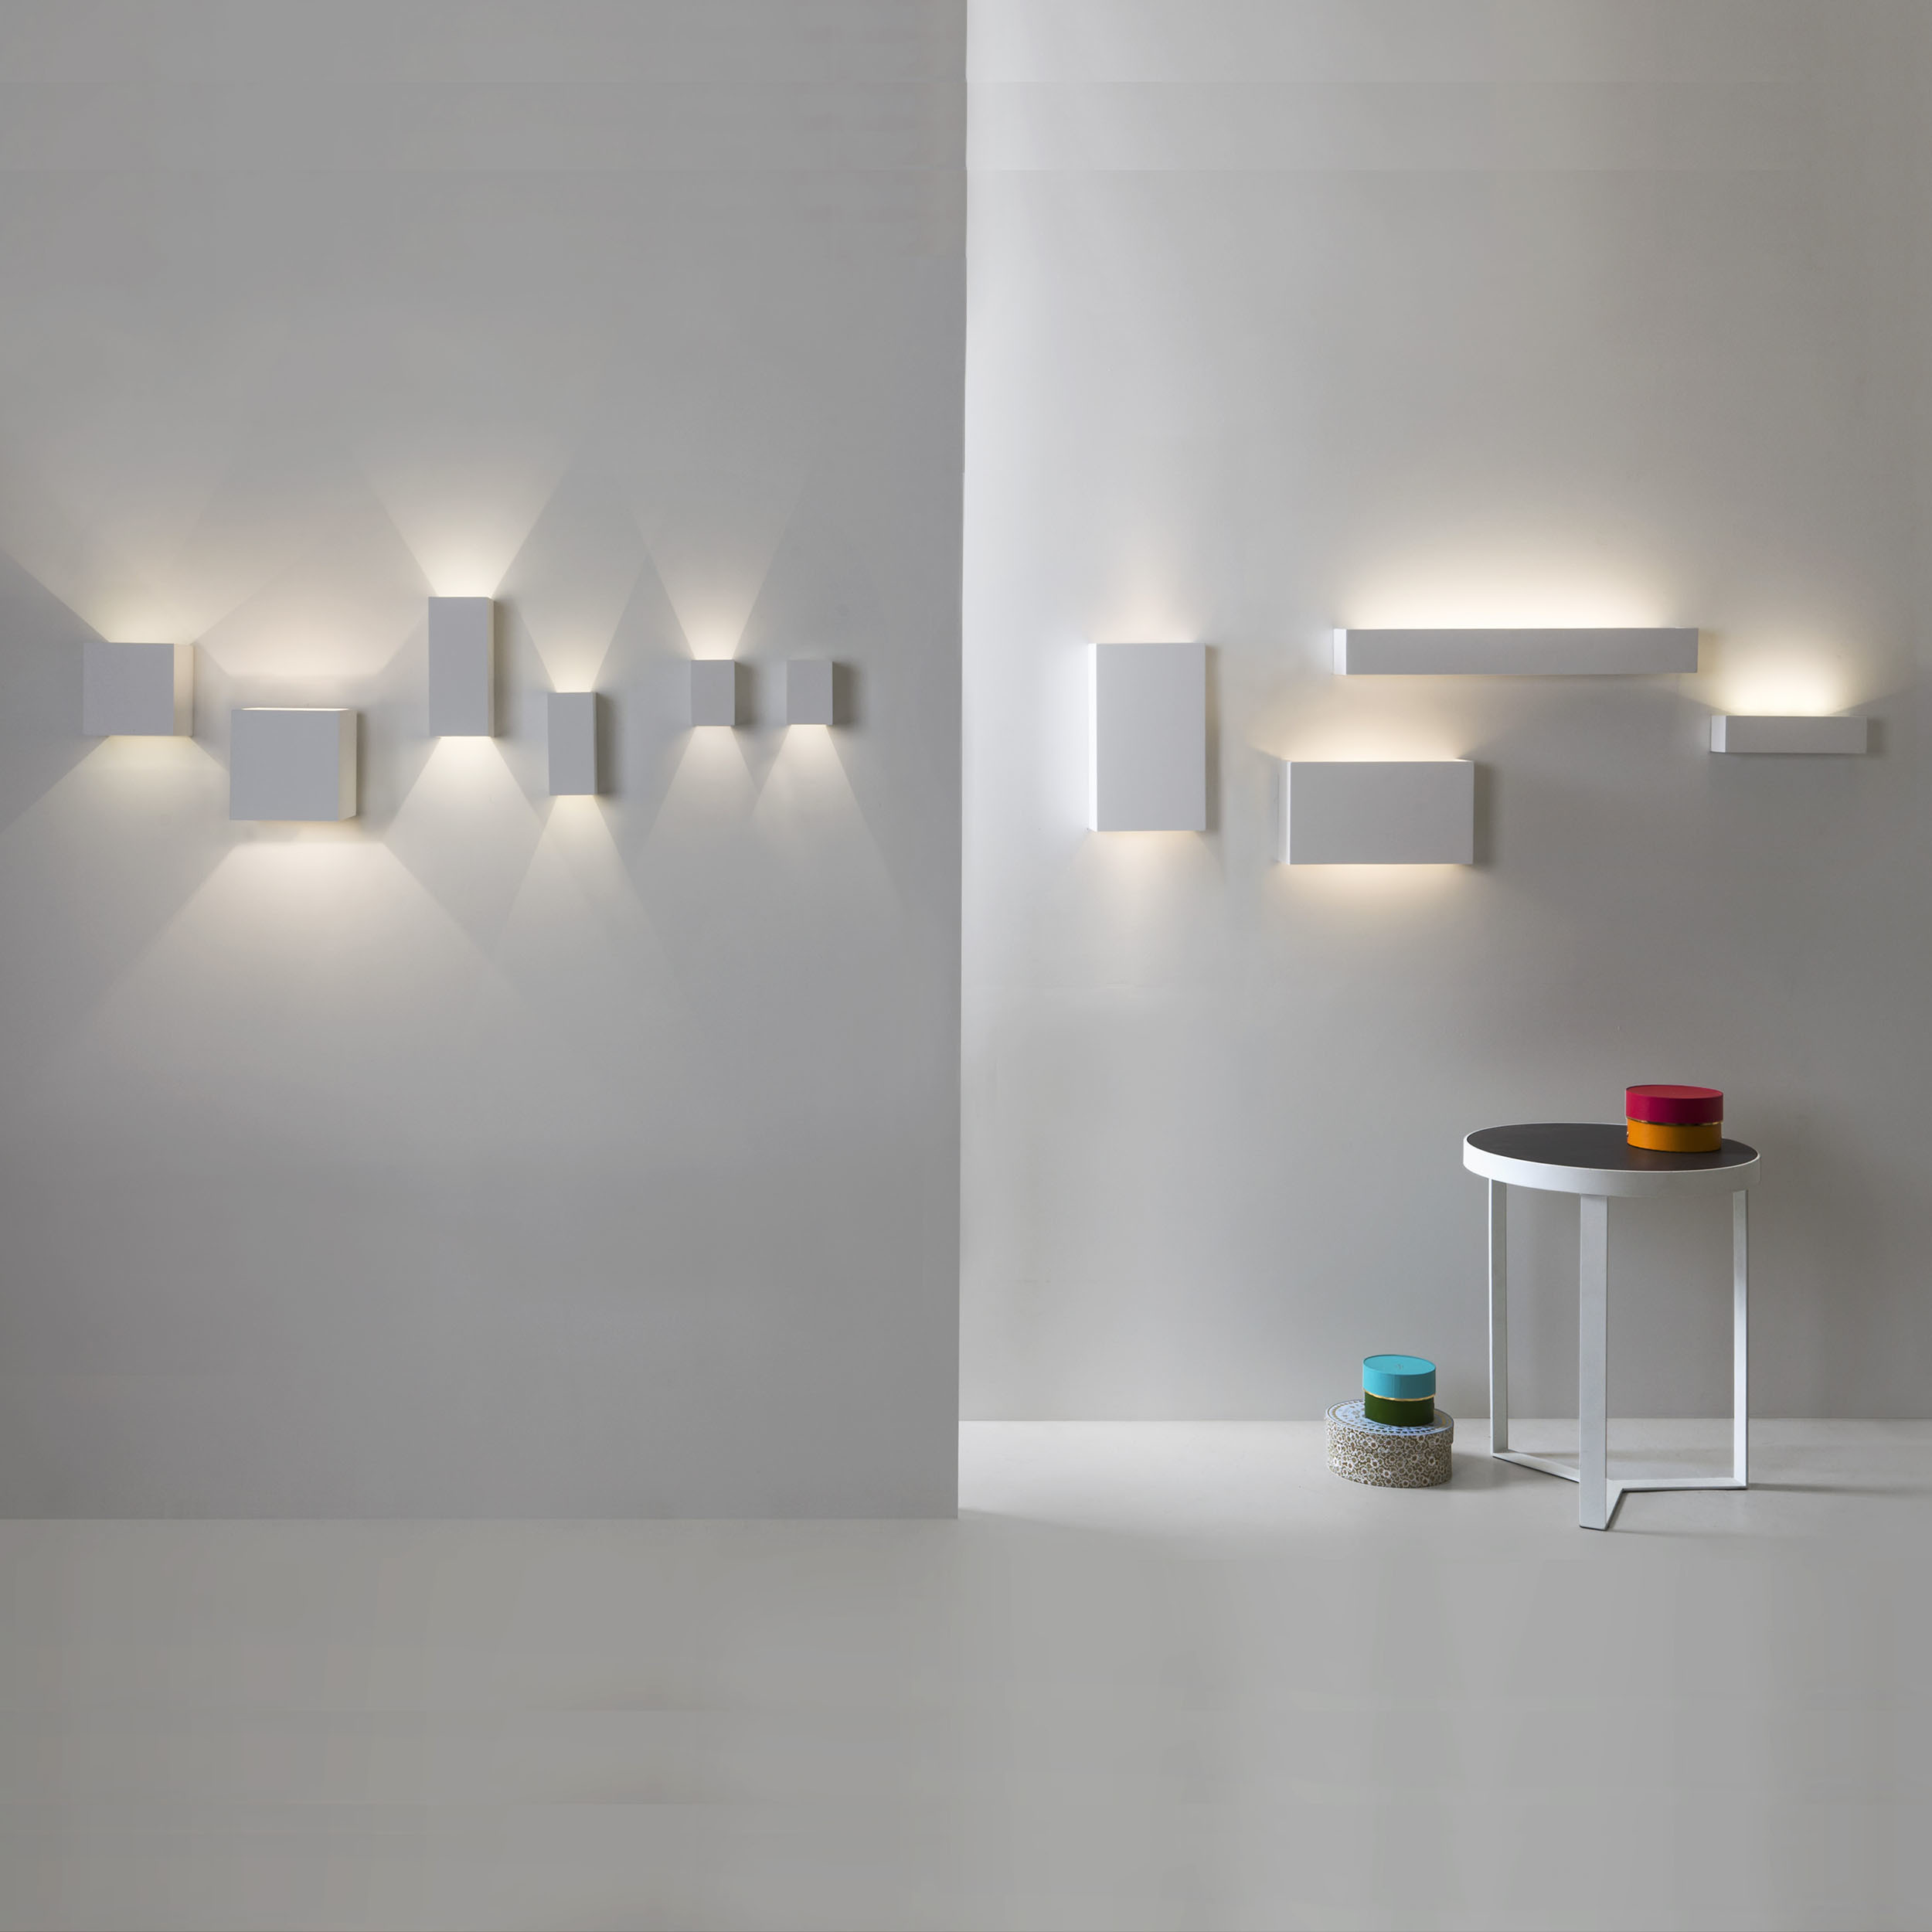 Настенный светодиодный светильник Astro Parma 1187002 (887), LED 9,04W 3000K 301lm CRI80, белый, под покраску, гипс - фото 4